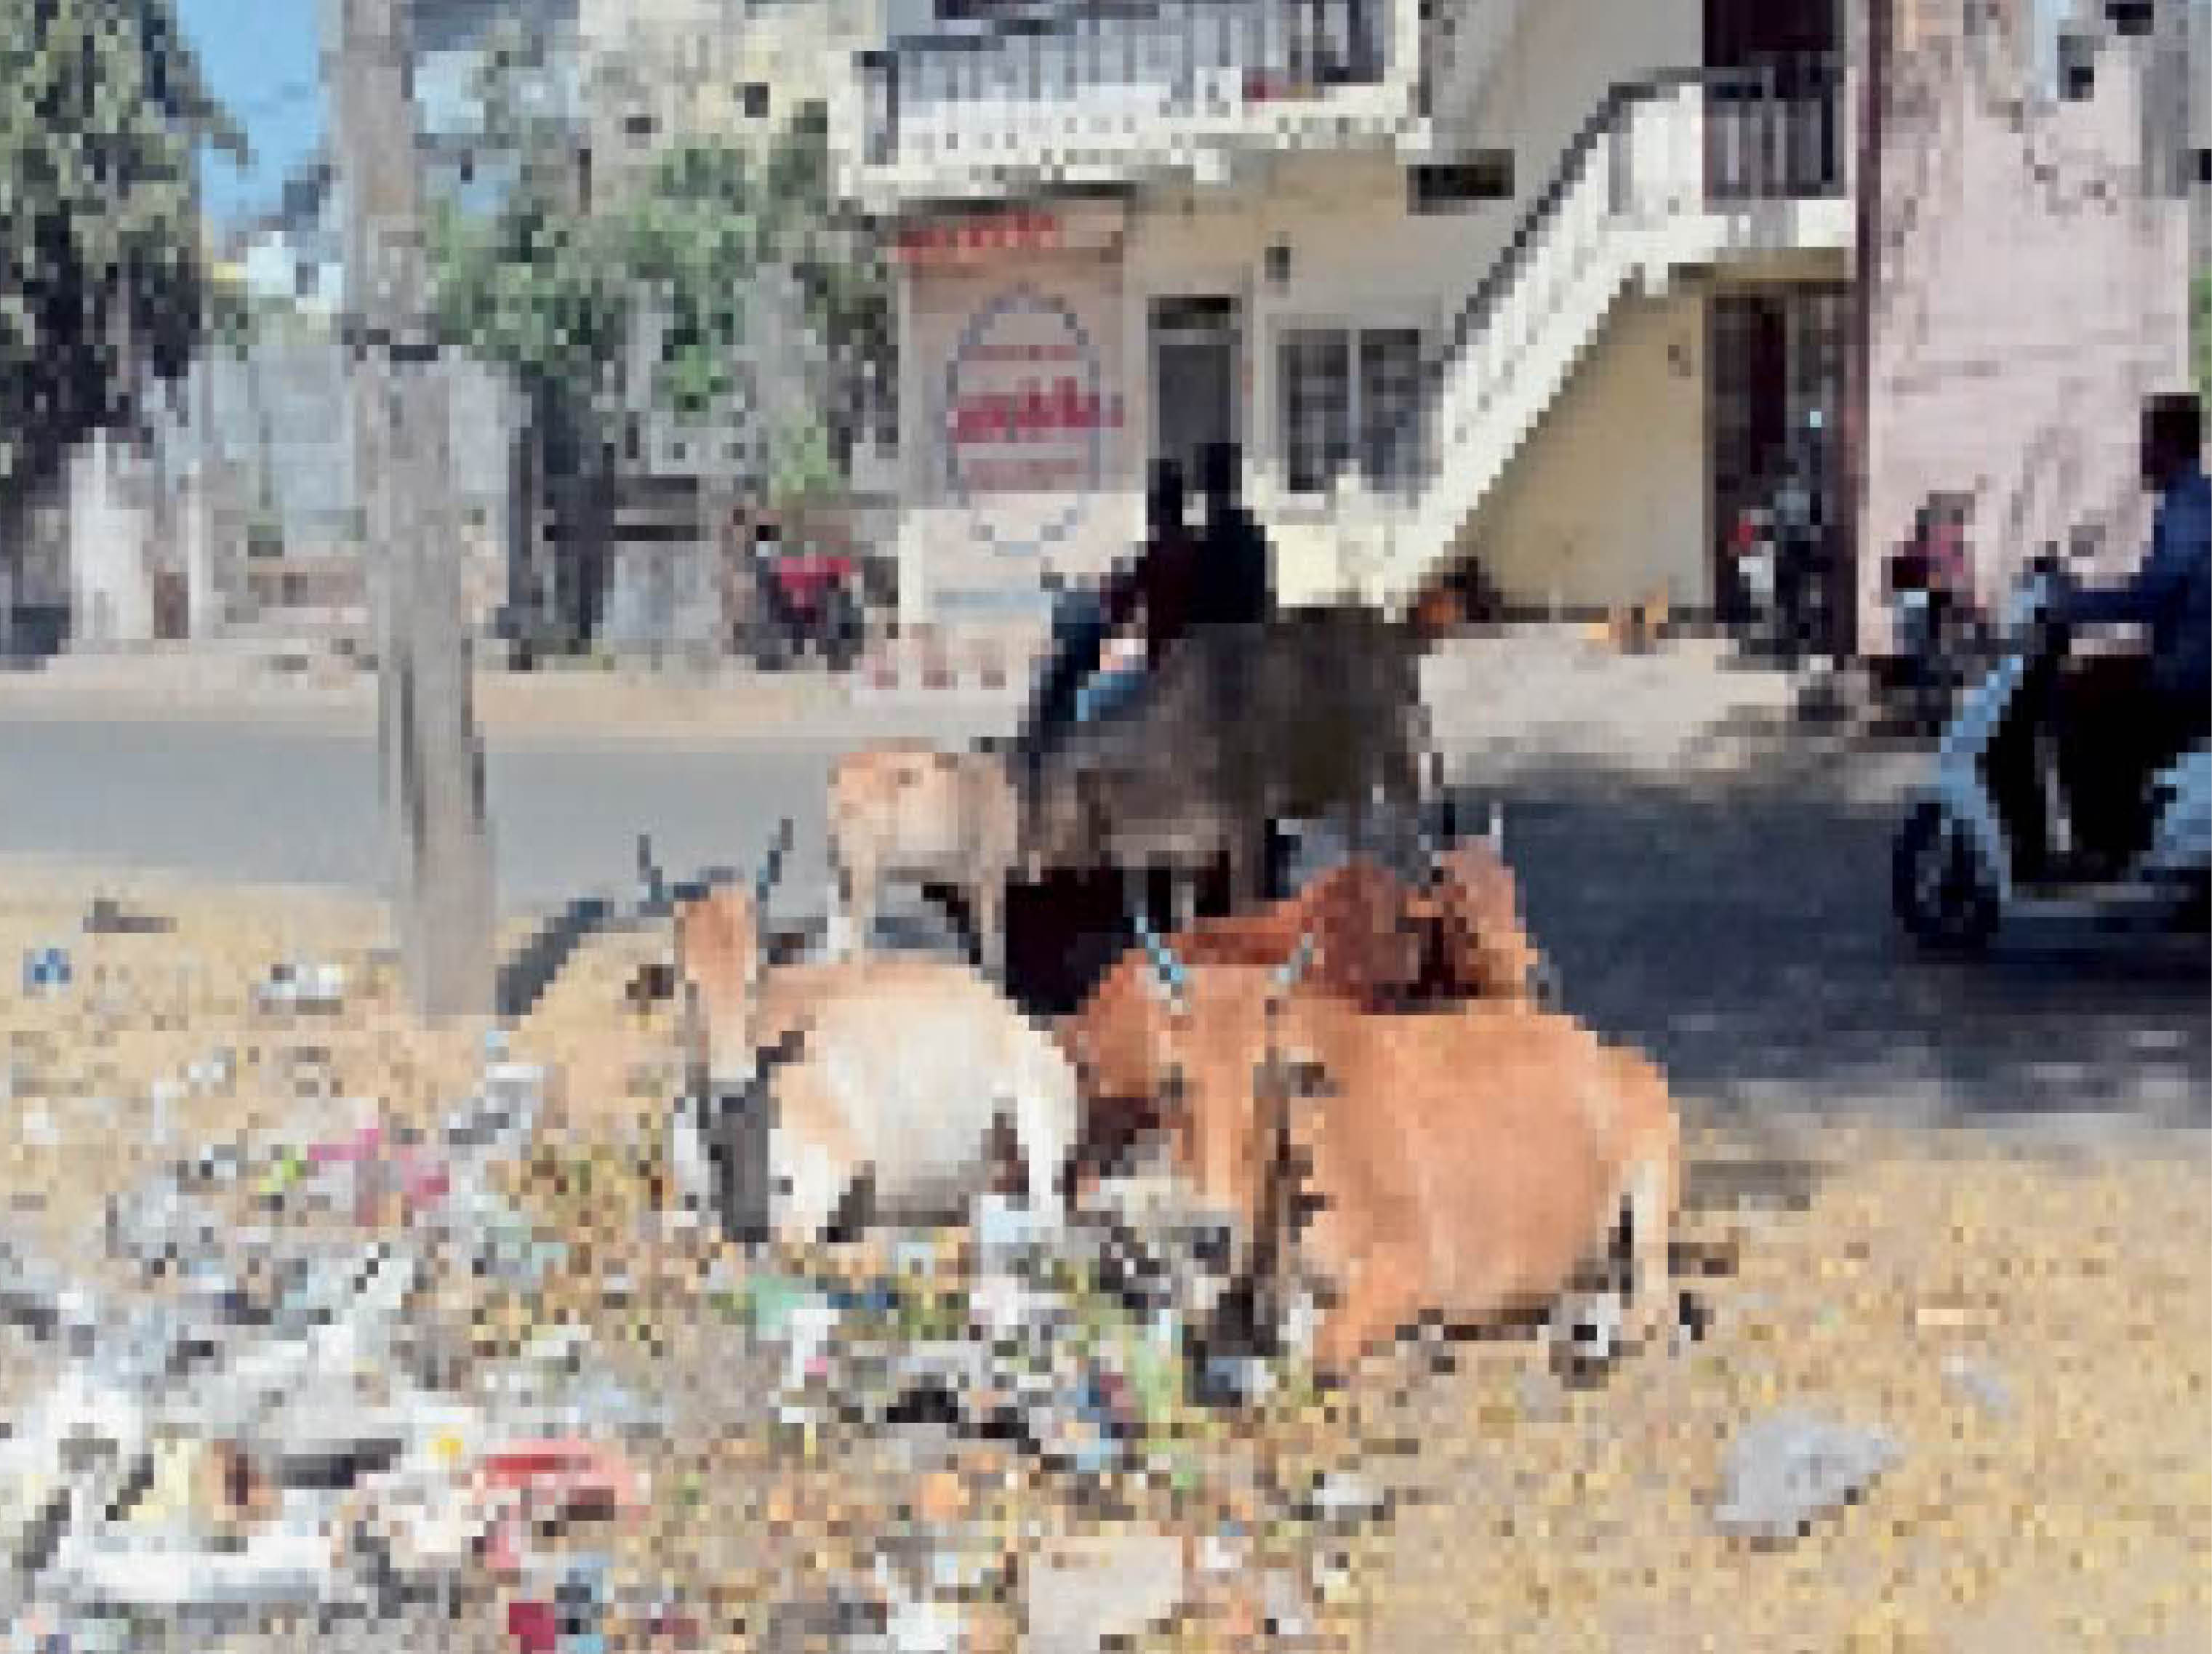 रोड पर मवेशी: नपा करेगा पशु मालिकों की पहचान;  आवारा पशुओं से यातायात व्यवस्था हाए रही है